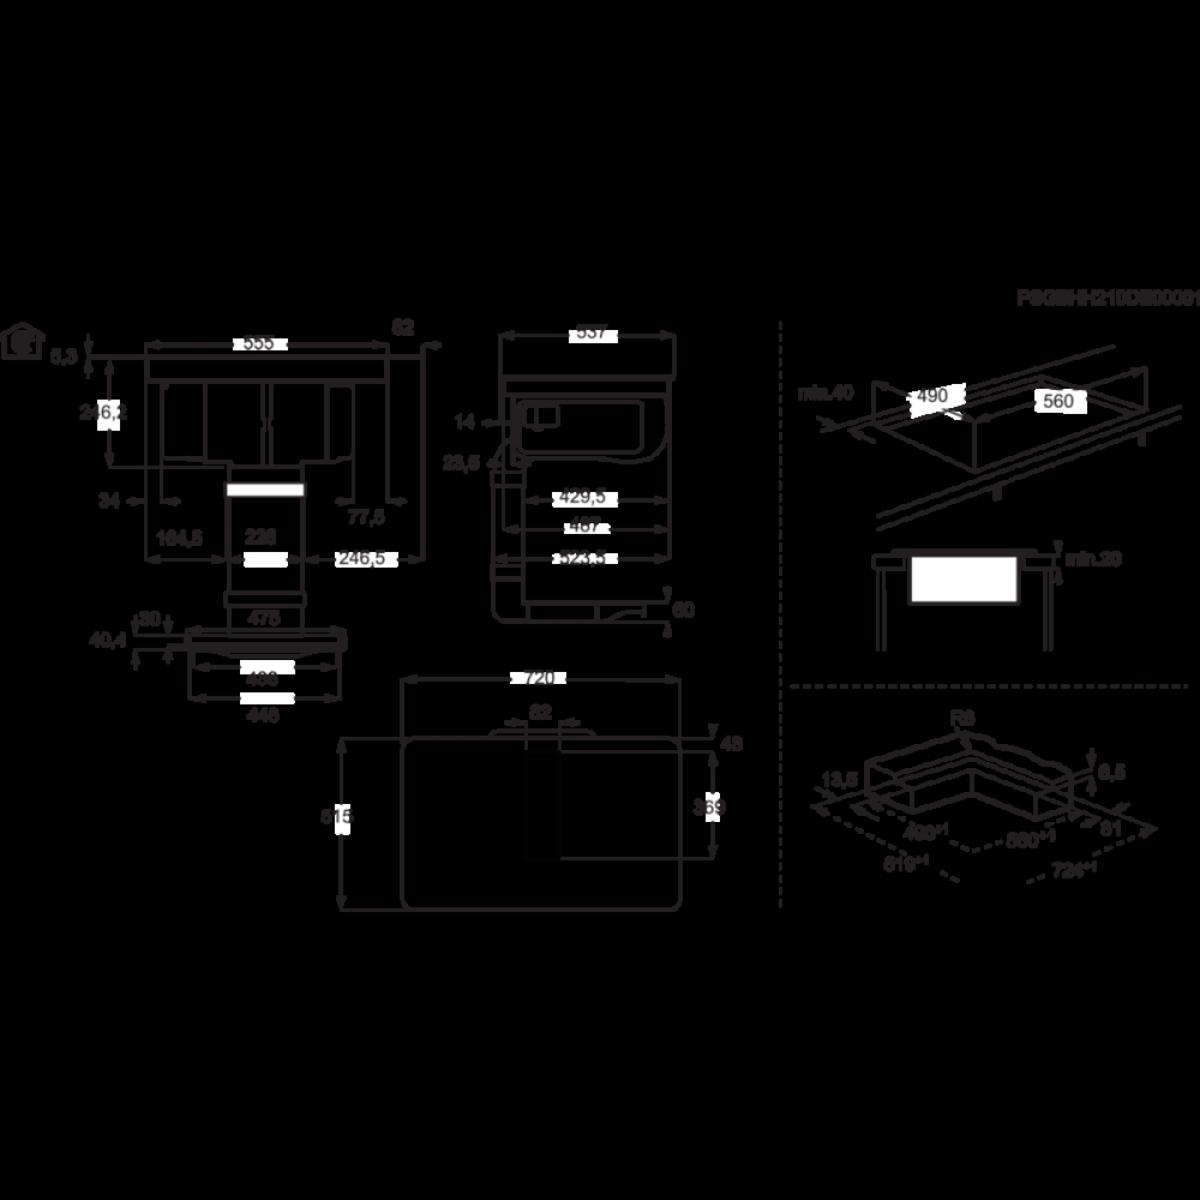 Aeg induksjon platetopp med ventilator 72 cm IDE74243IB